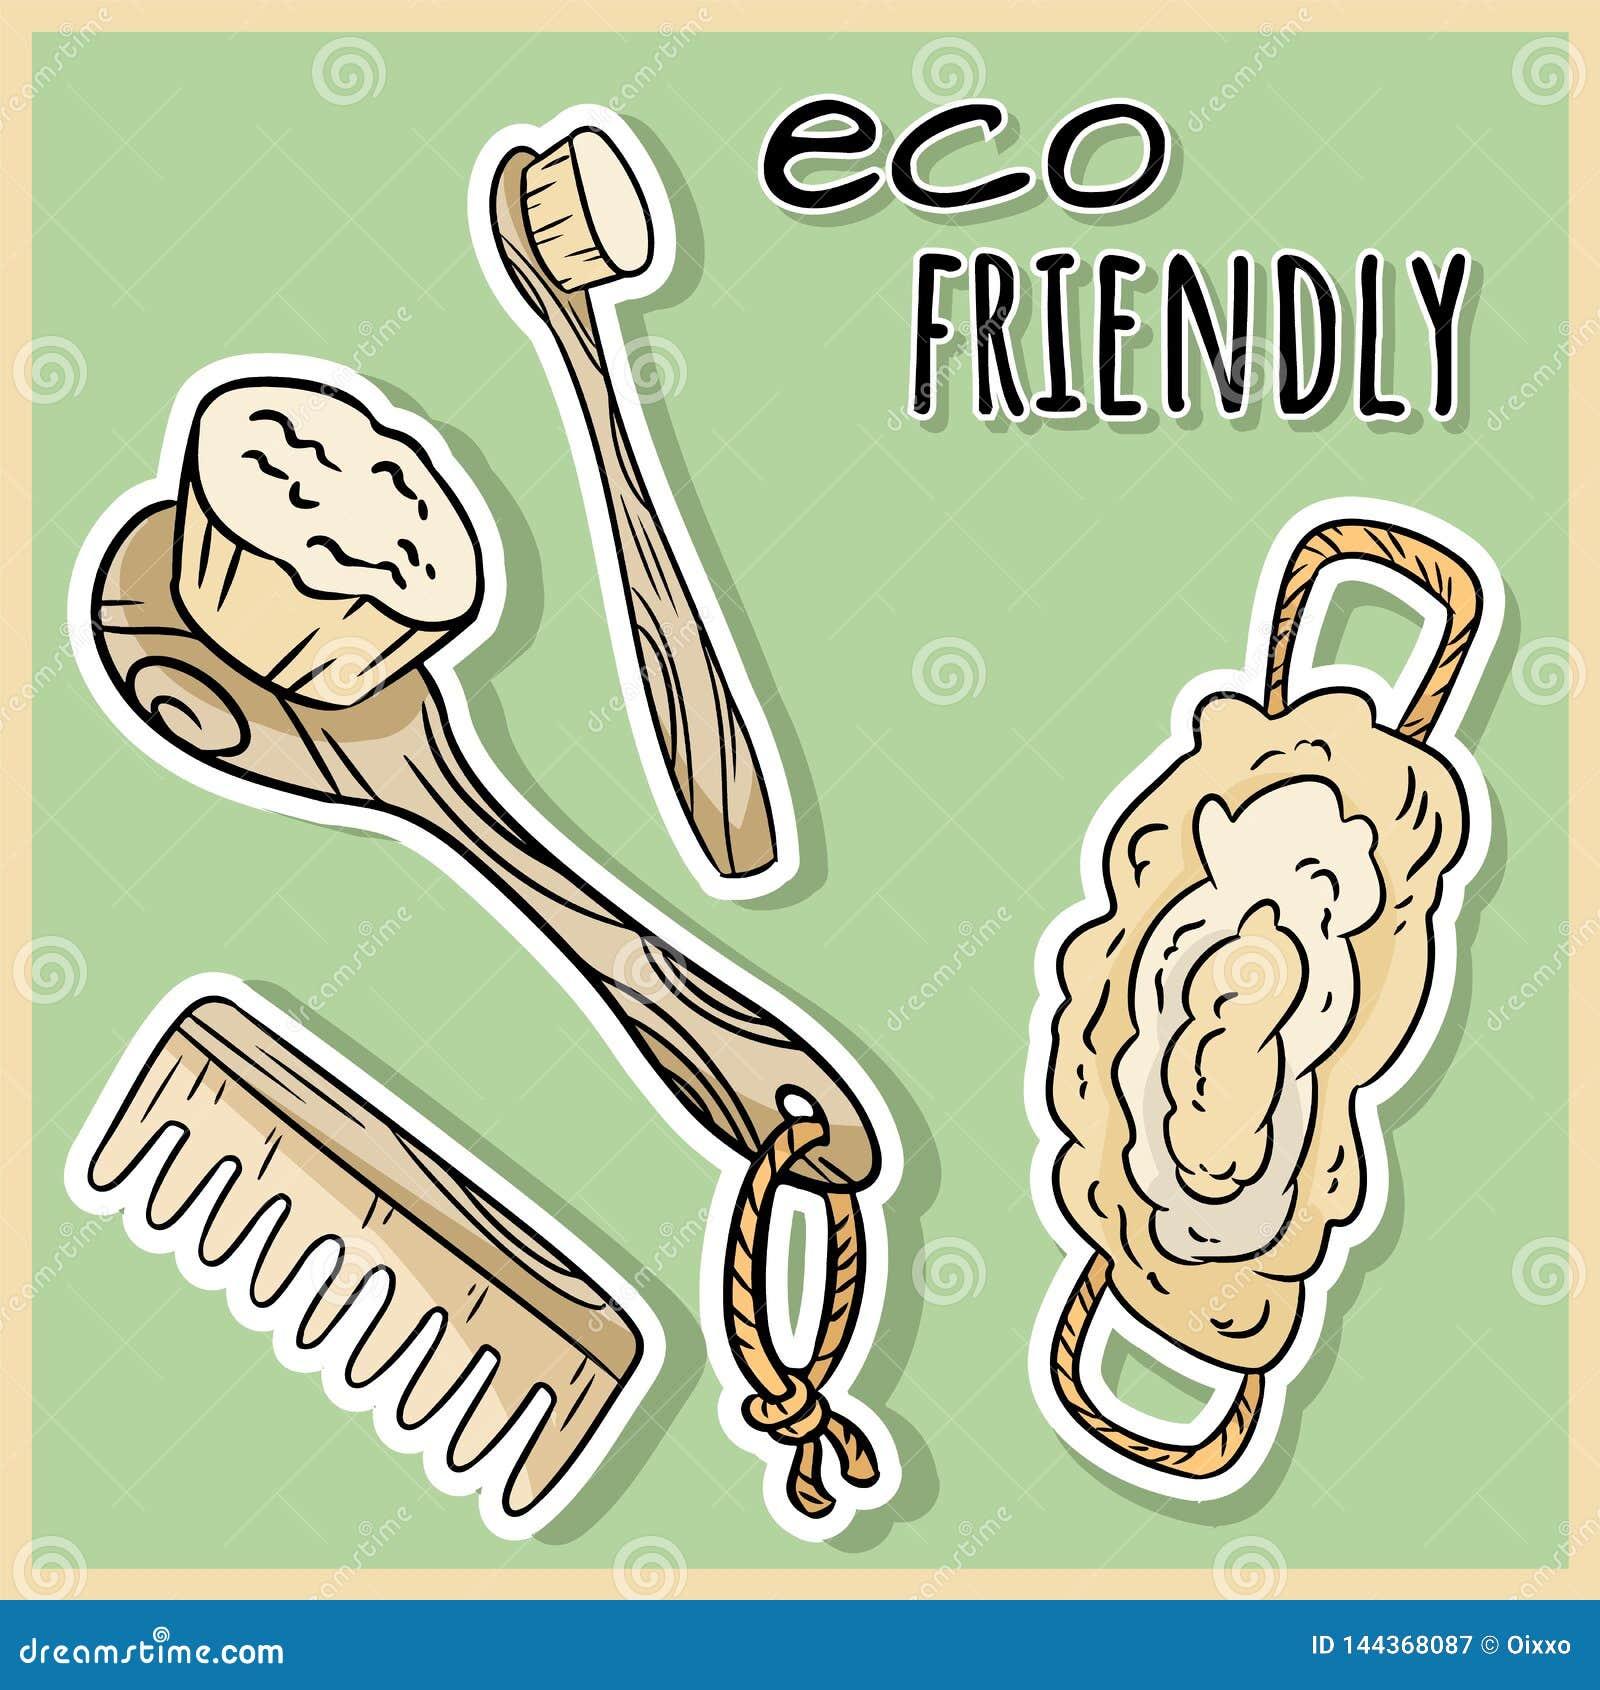 Artículos materiales naturales de la ducha Producto ecológico y de la cero-basura Casa verde y vida plástico-libre